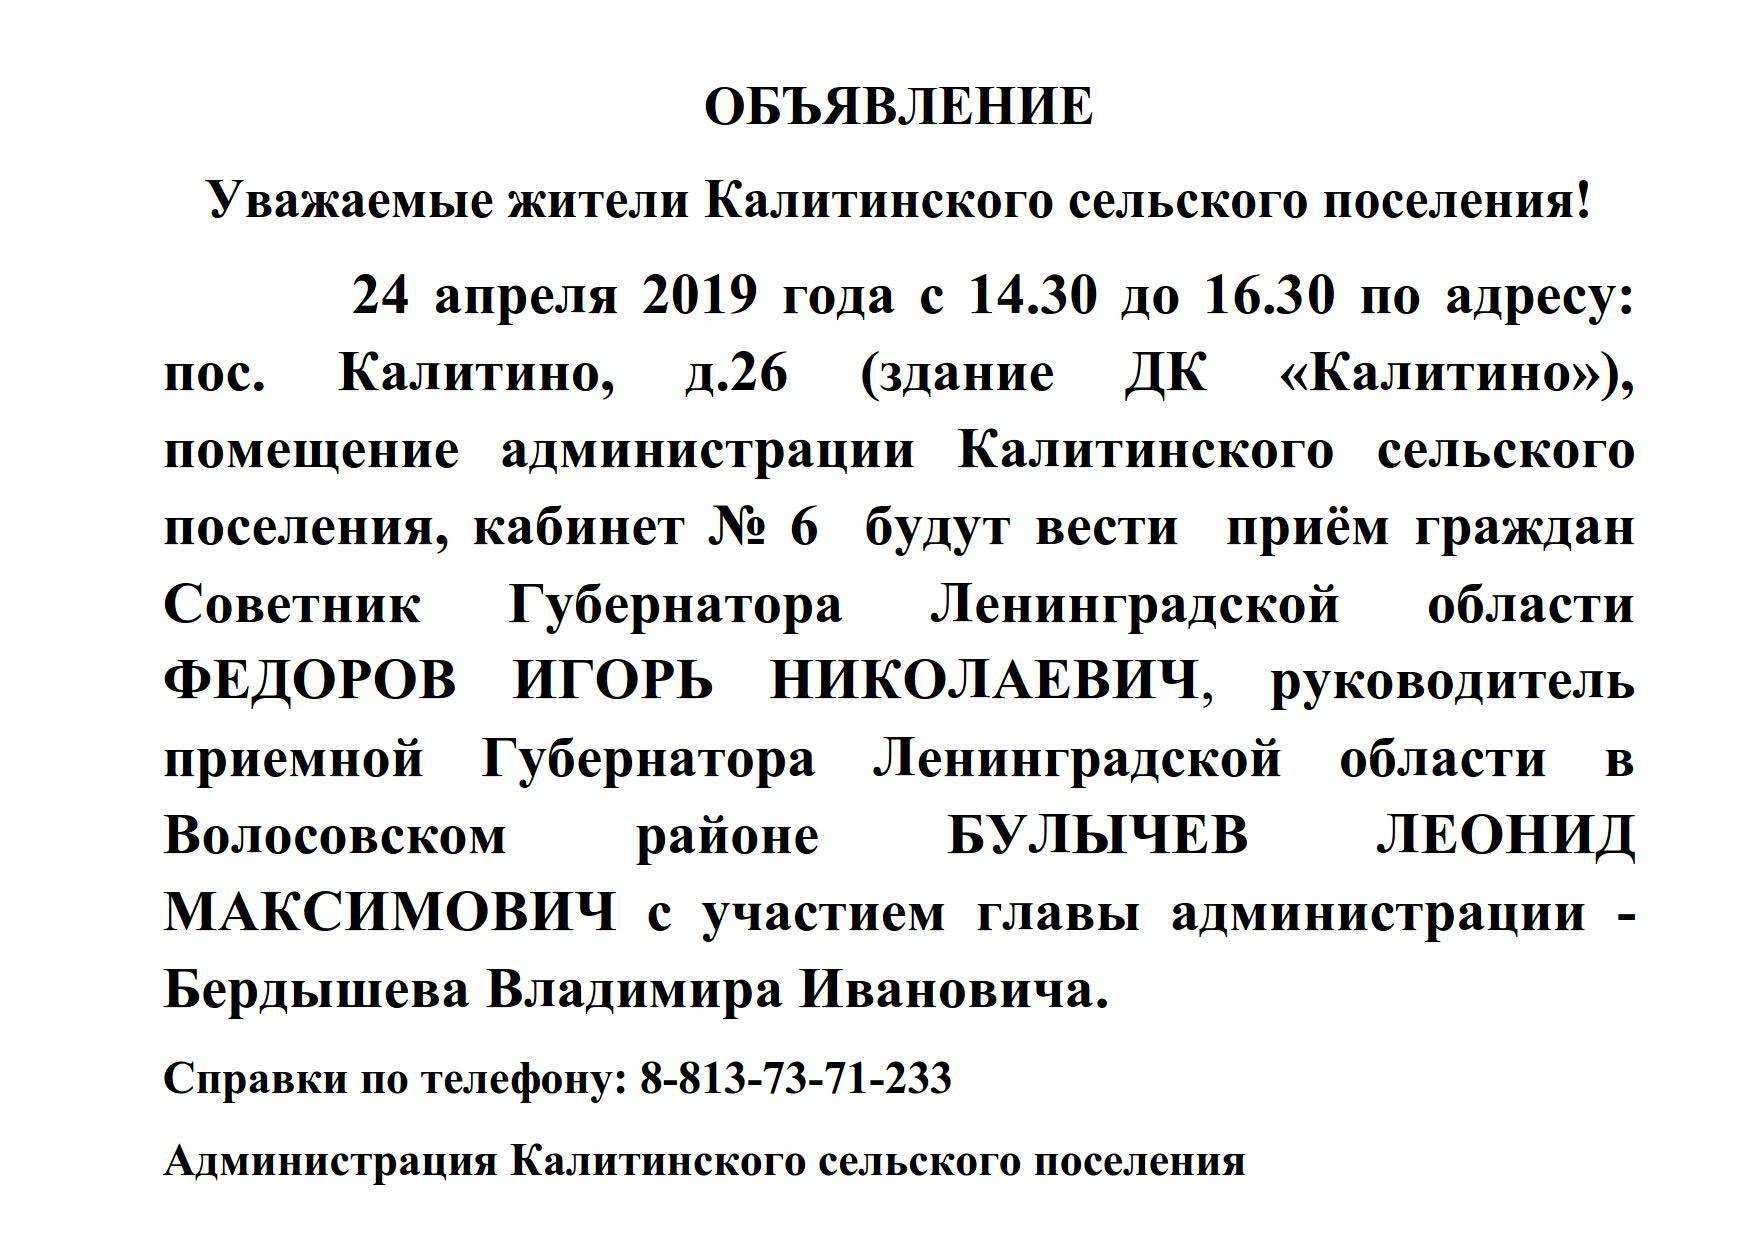 объявление о приеме фЕДОРОВЫМ И Булычевым_1